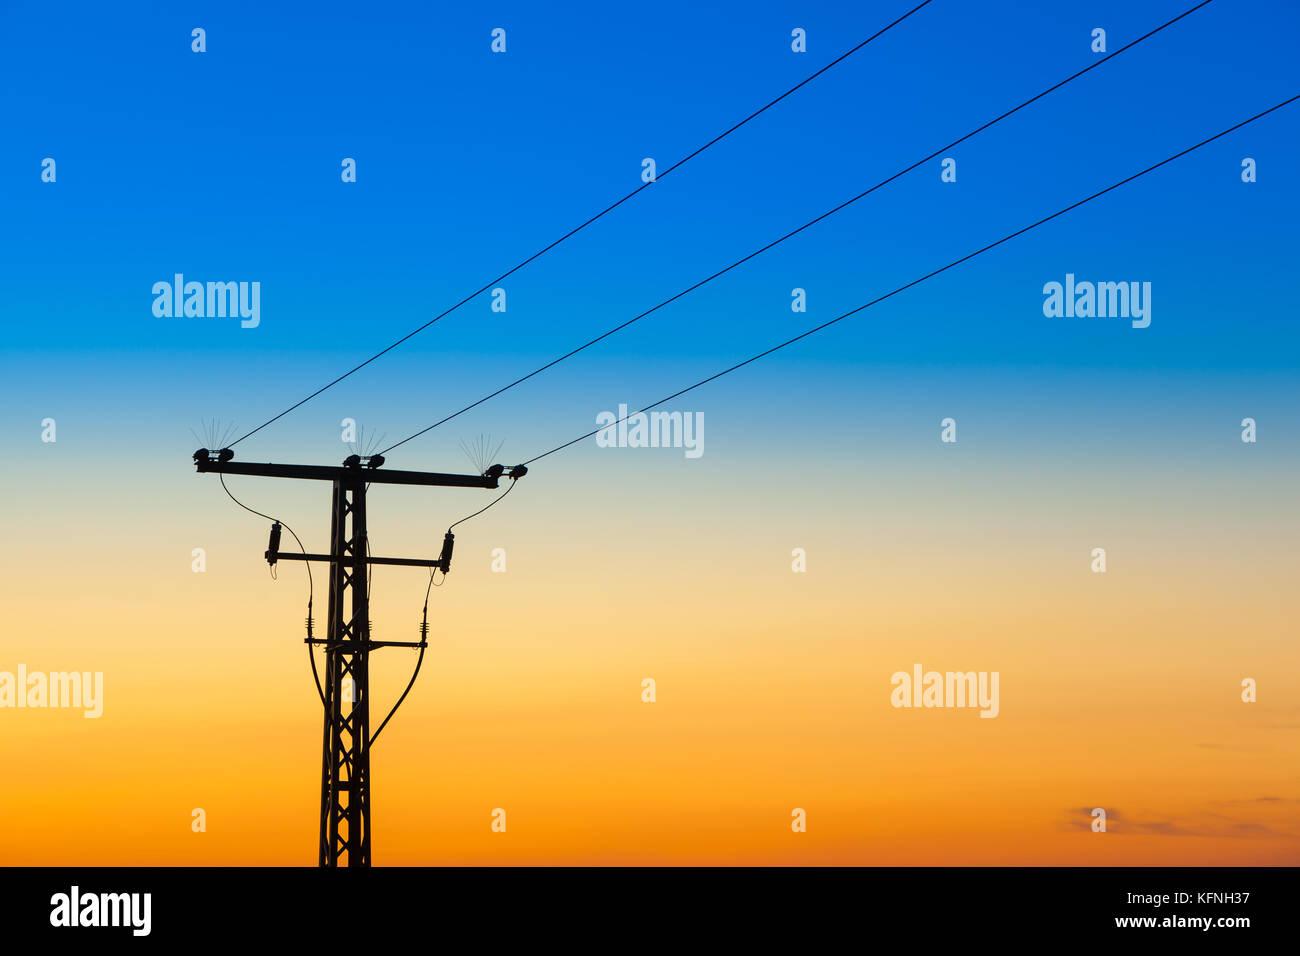 Gittermast gegen Nachtmimmel mit Fabverlauf blau orange - Stock Image